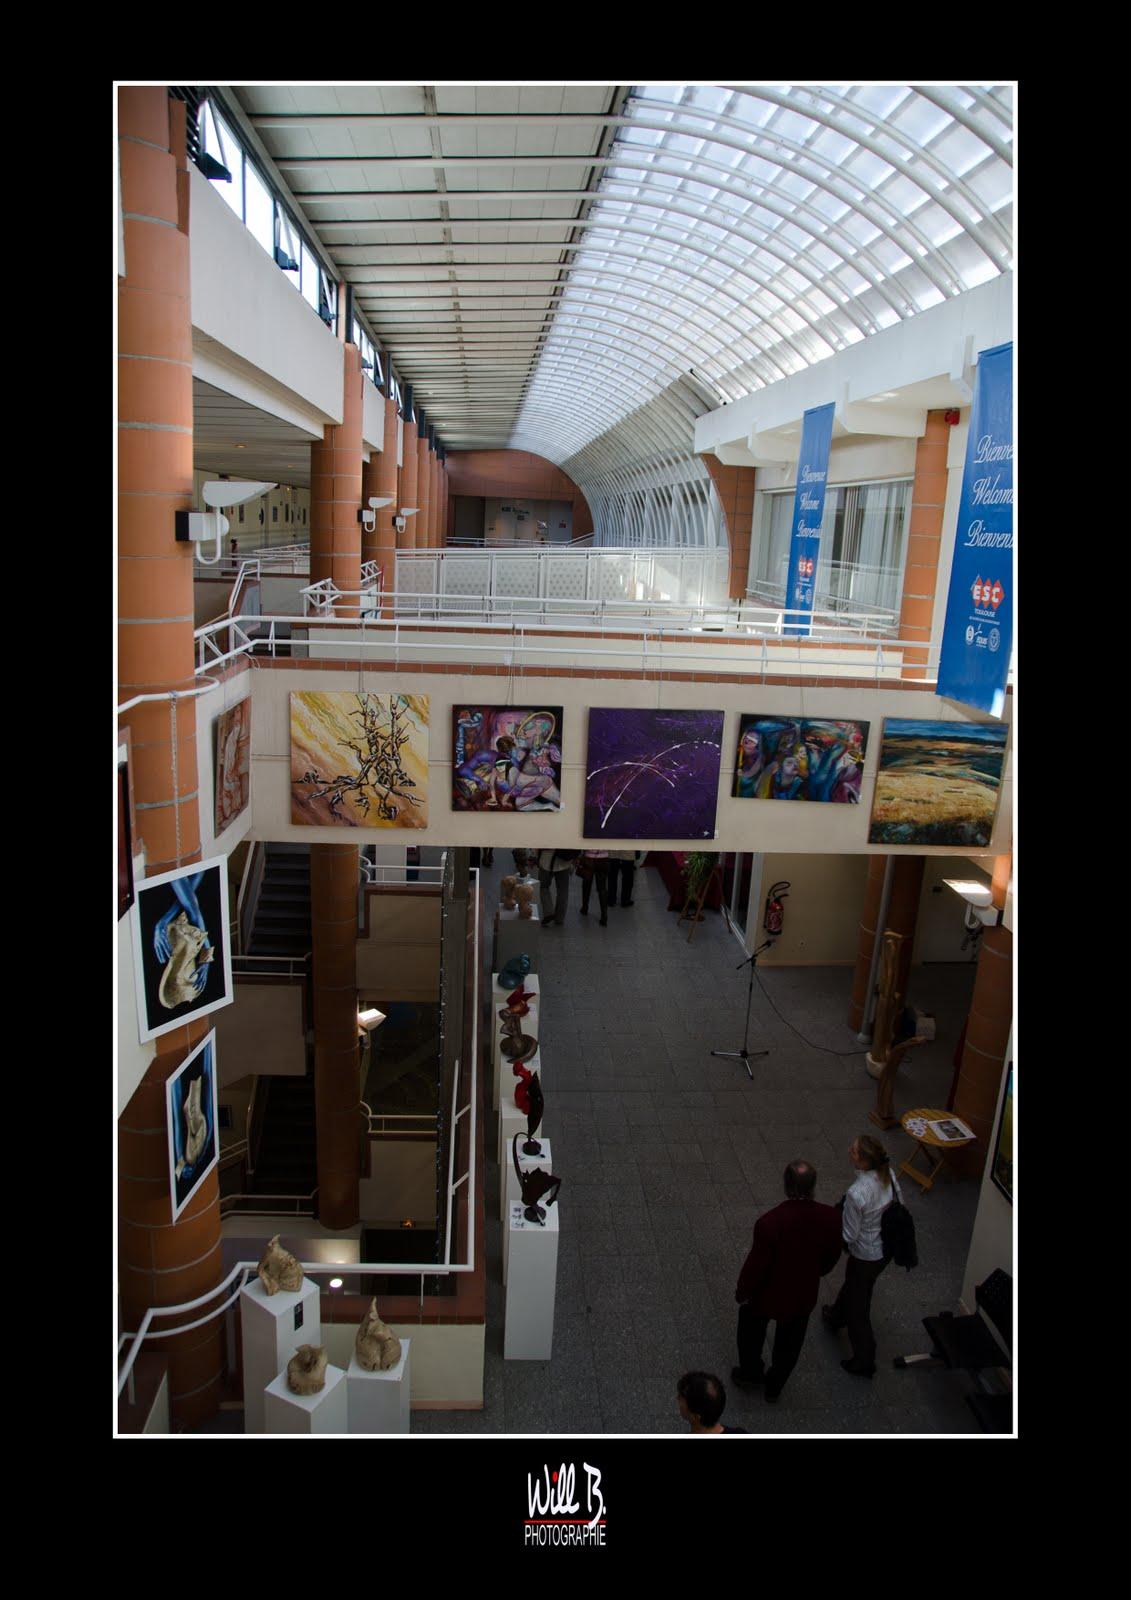 Les arts et lettres de france haute garonne 11e salon des for Salon des ecoles de commerce